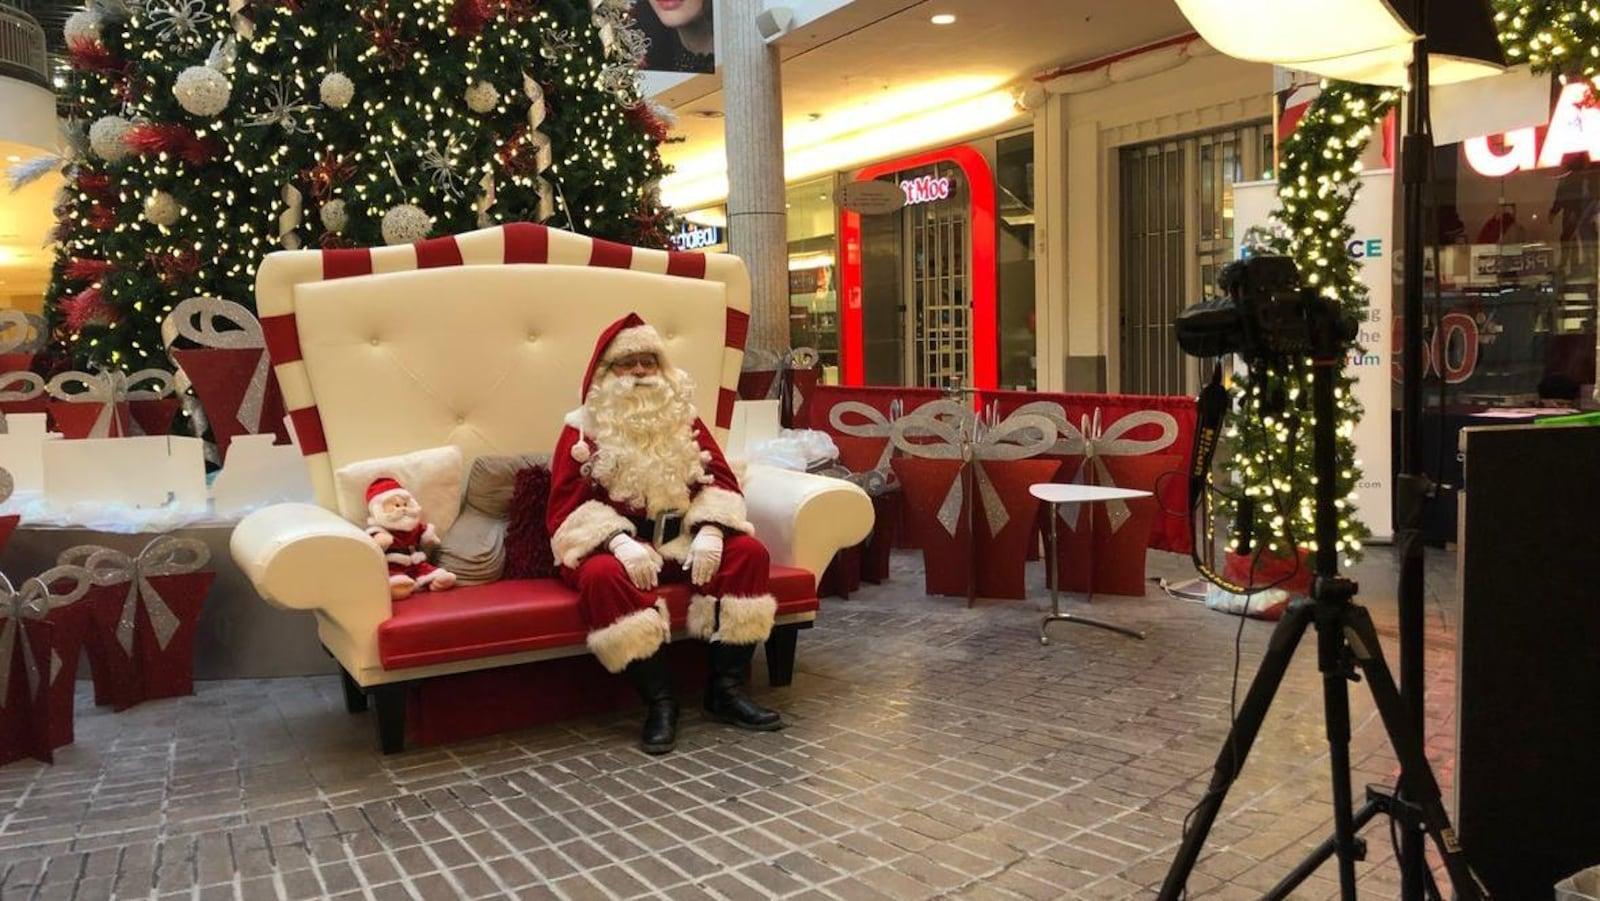 Le père Noël est assis sur un petit sofa de deux places, entouré d'un décor de Noël. Devant lui est installé une appareil photo.